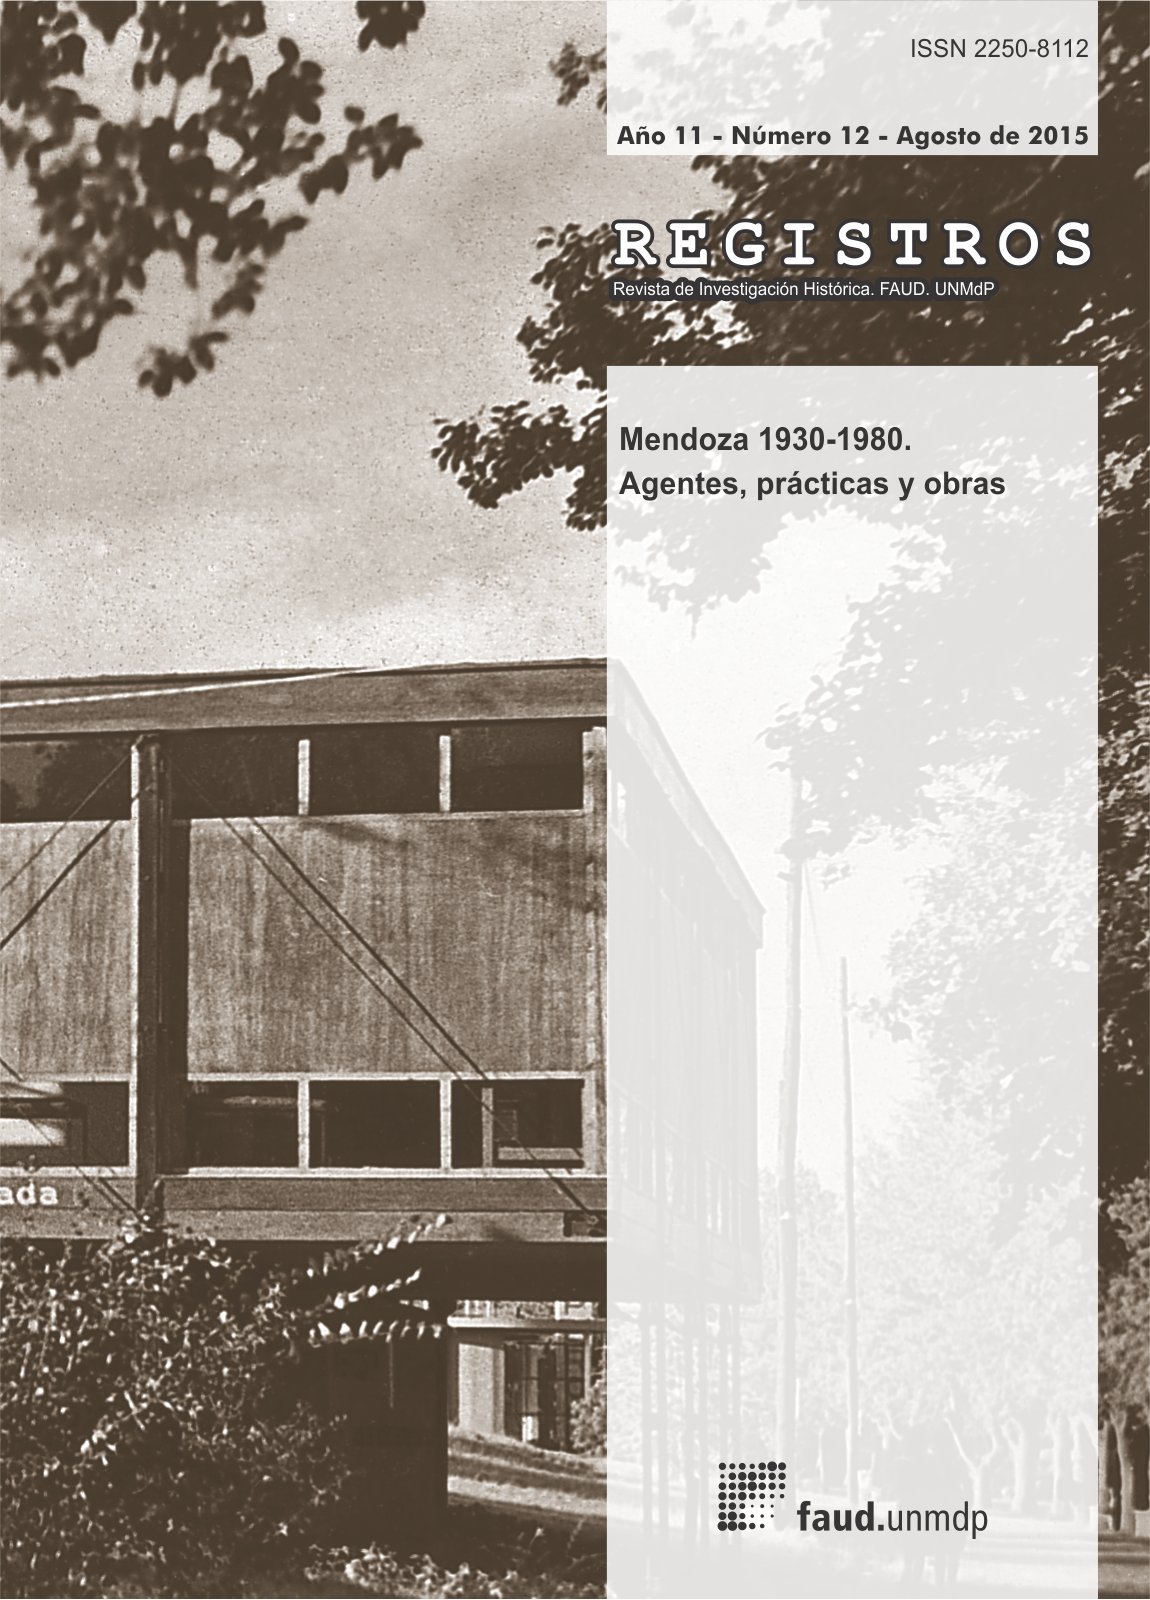 REGISTROS 12 (2015). Mendoza 1930-1960. Agentes, prácticas y obras.